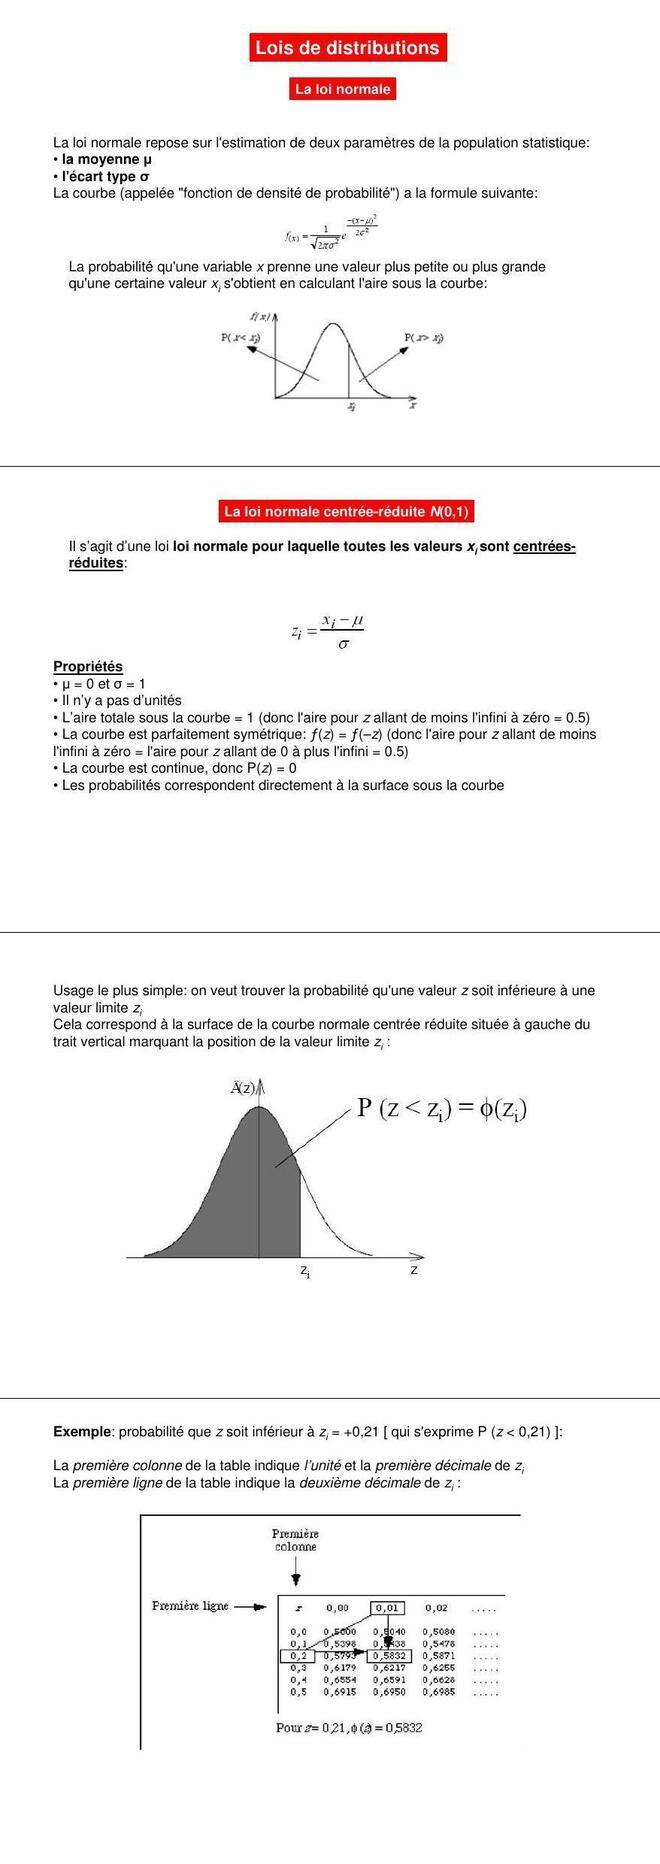 Pdf Cours De Statistique Pour Debutant La Loi Normale Cours Statistique